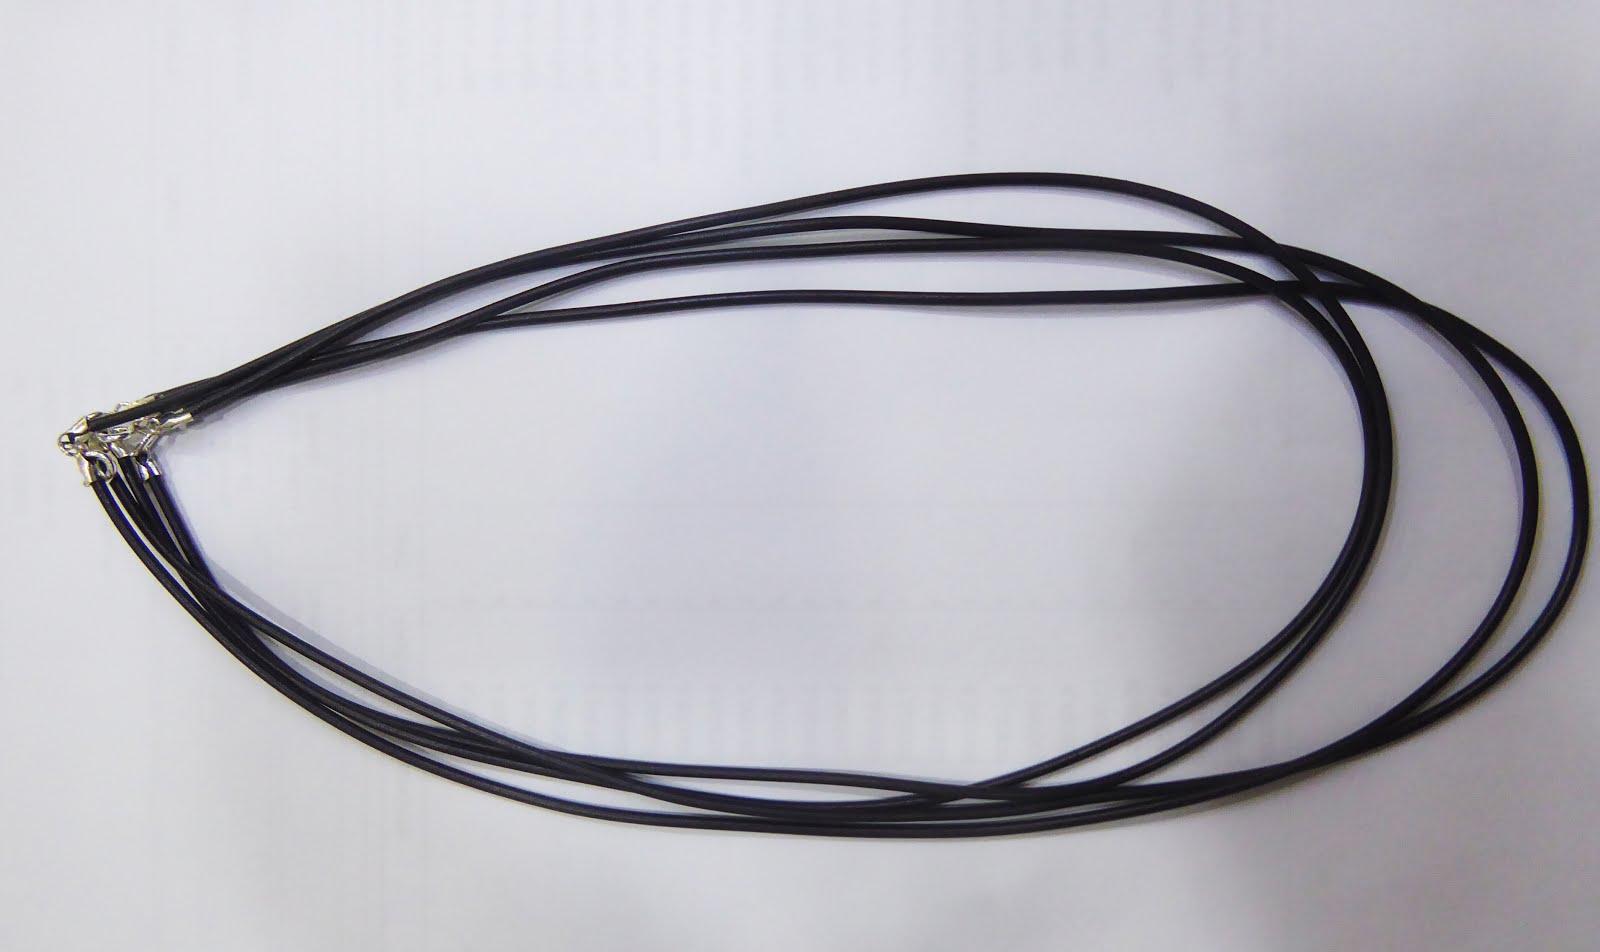 Cordones de silicona, varios tamaños